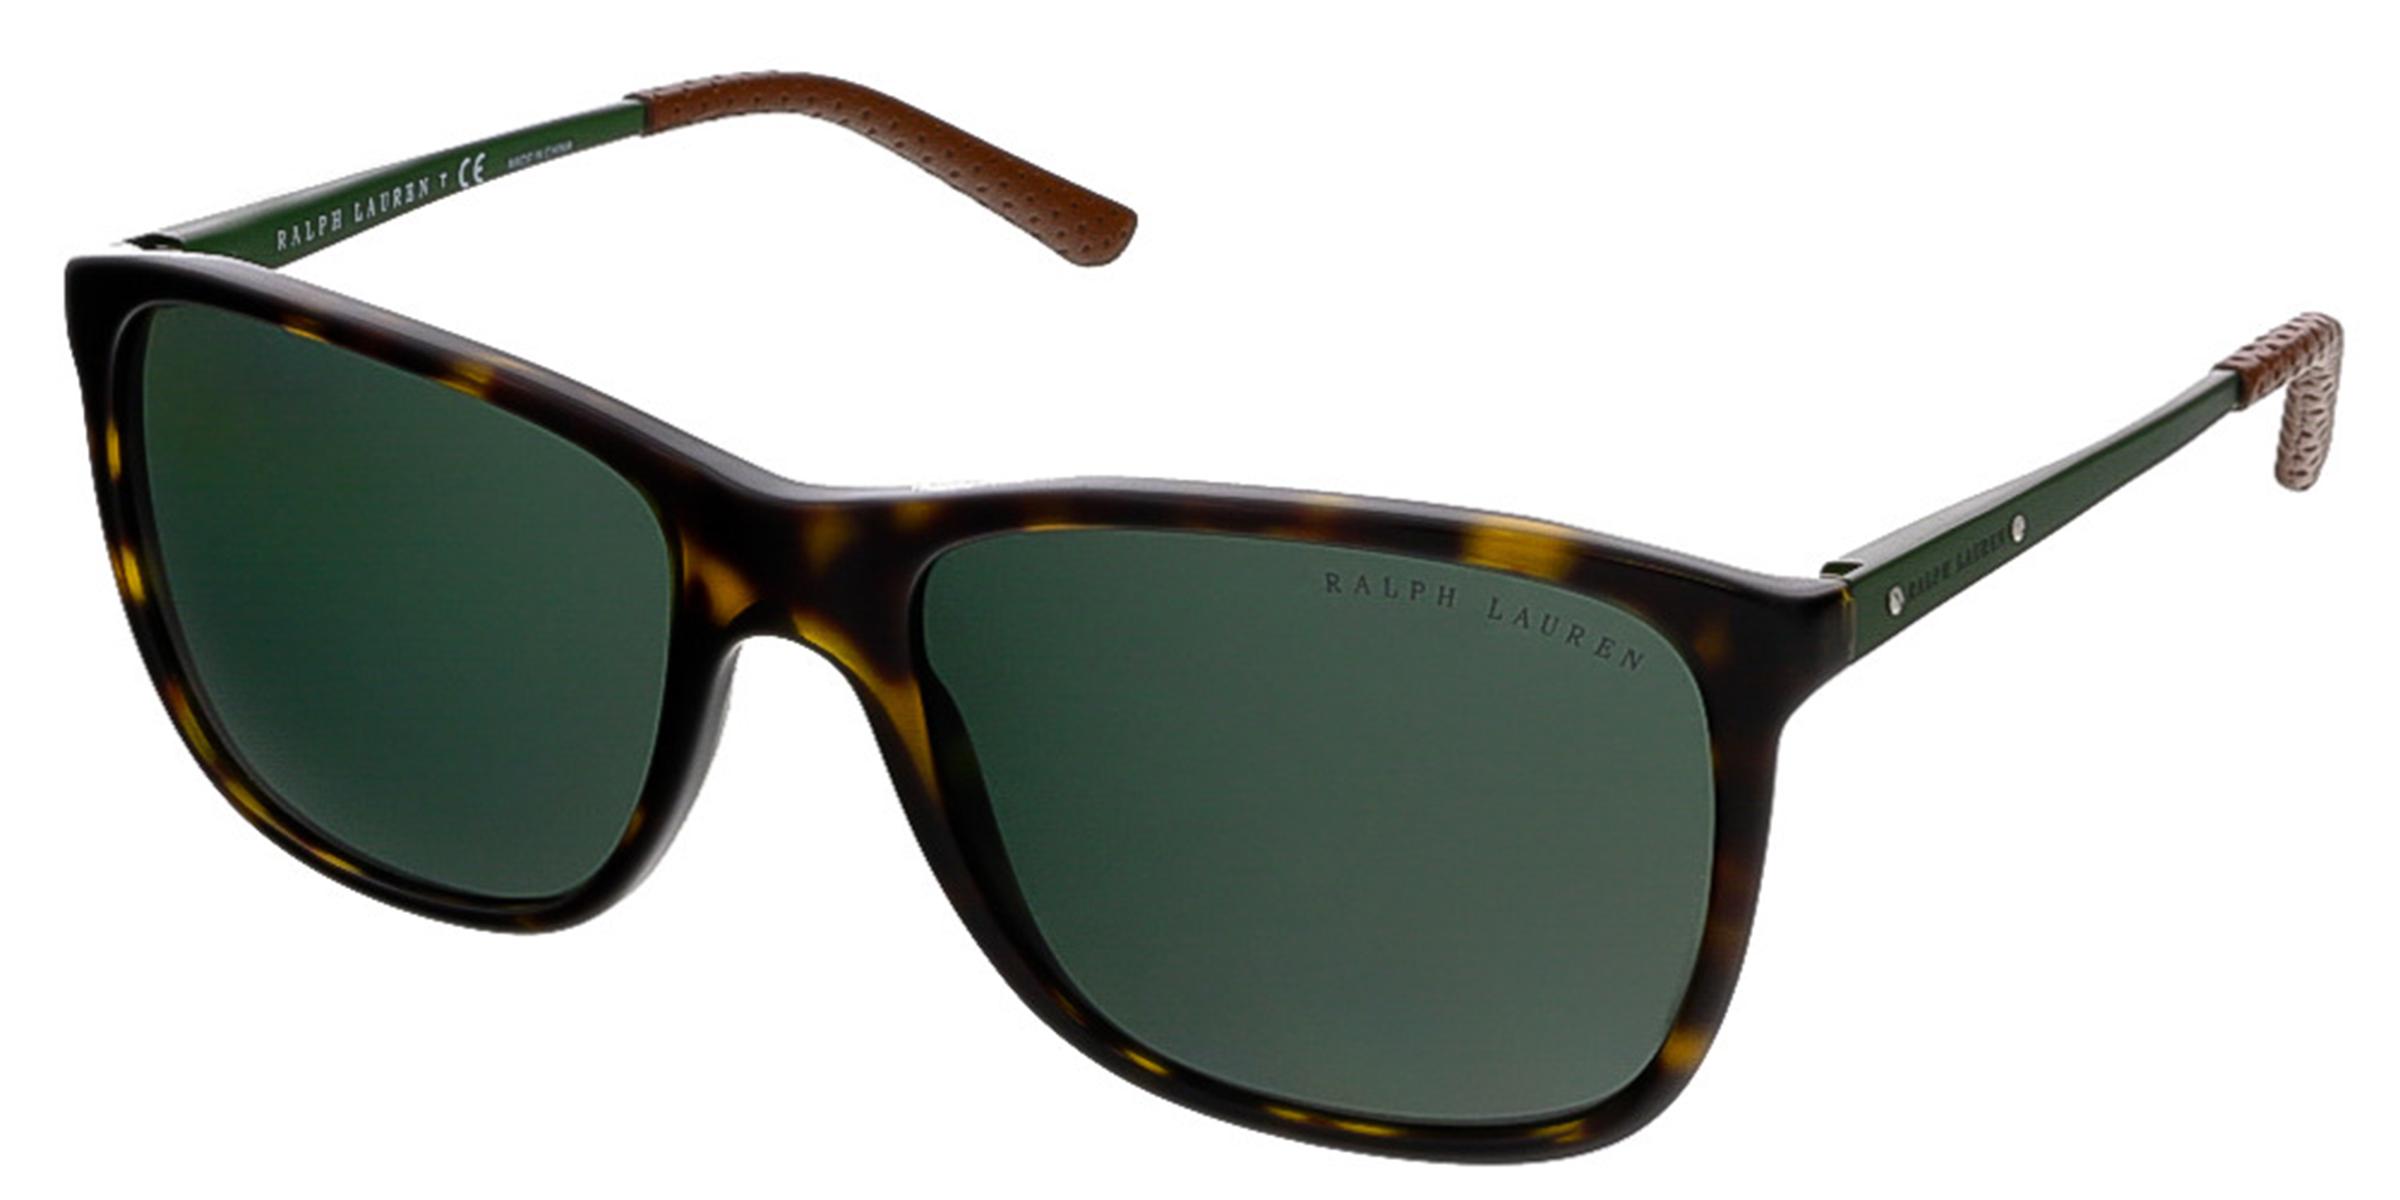 Ralph Lauren RL8133Q  500371 Wayfarer Sunglasses